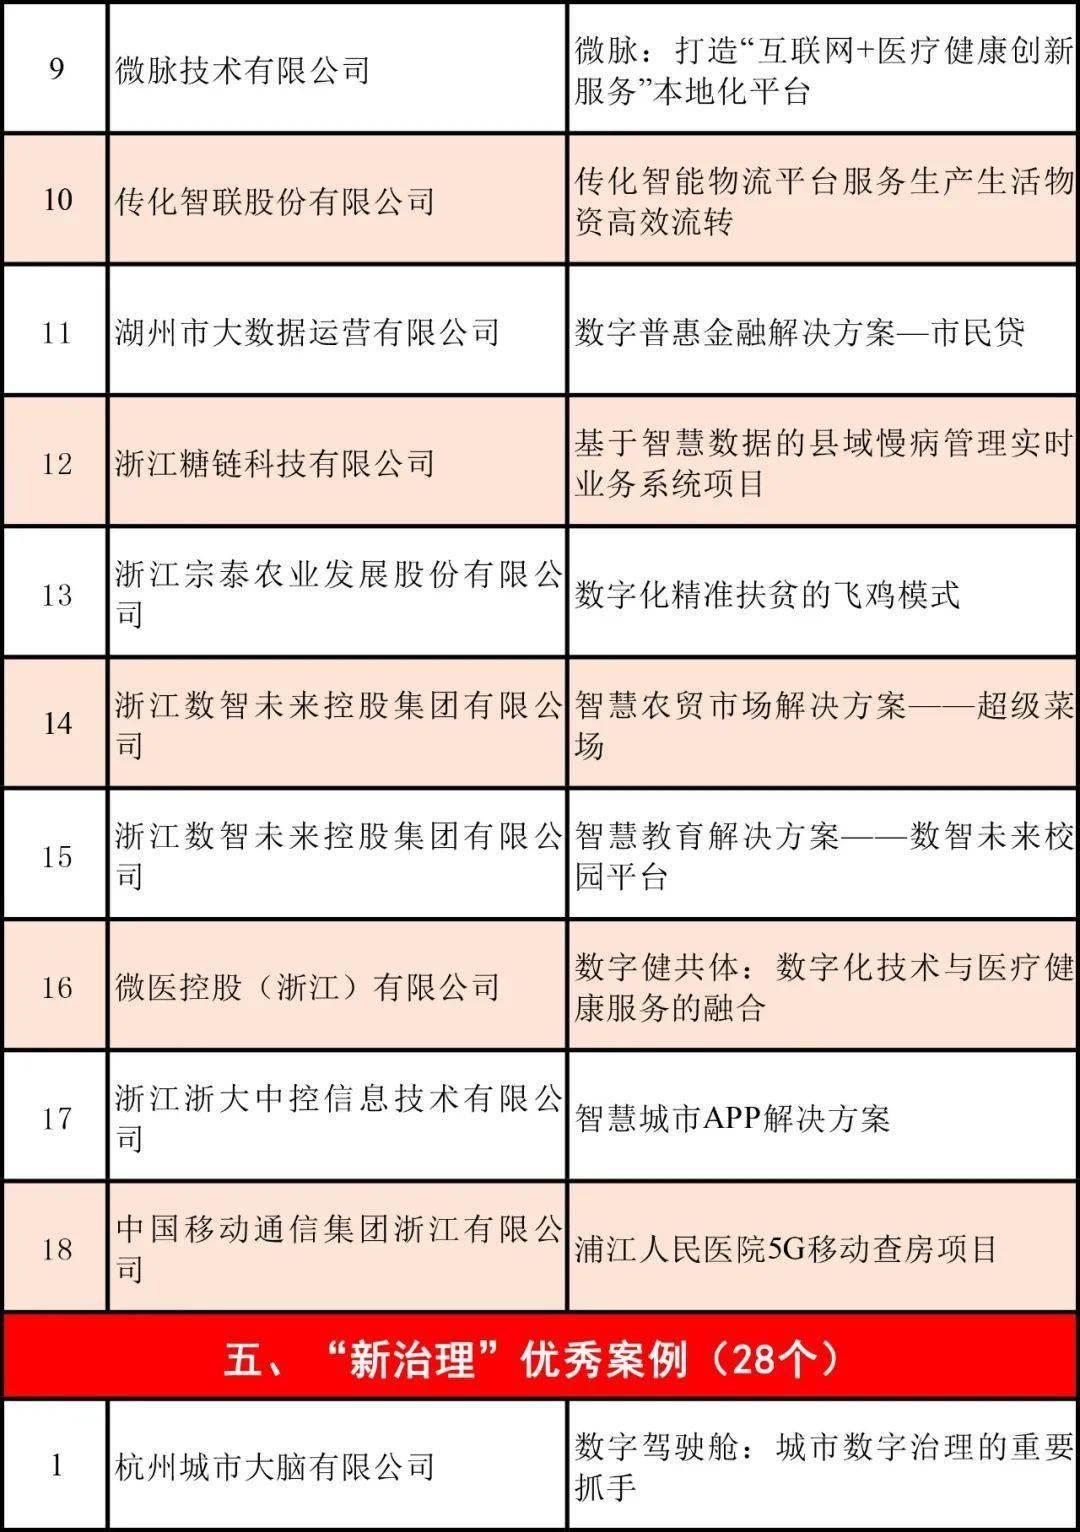 2020年浙江数字经济总量排名_浙江大学排名